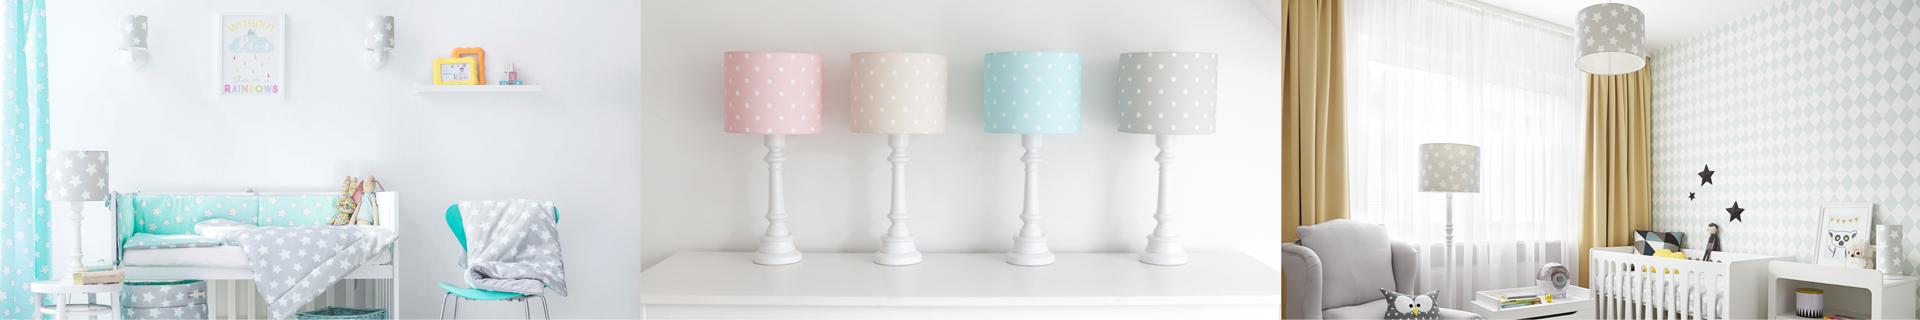 Lampy stojące do pokoju dla dzieci - My Sweet Room - Meble dziecięce